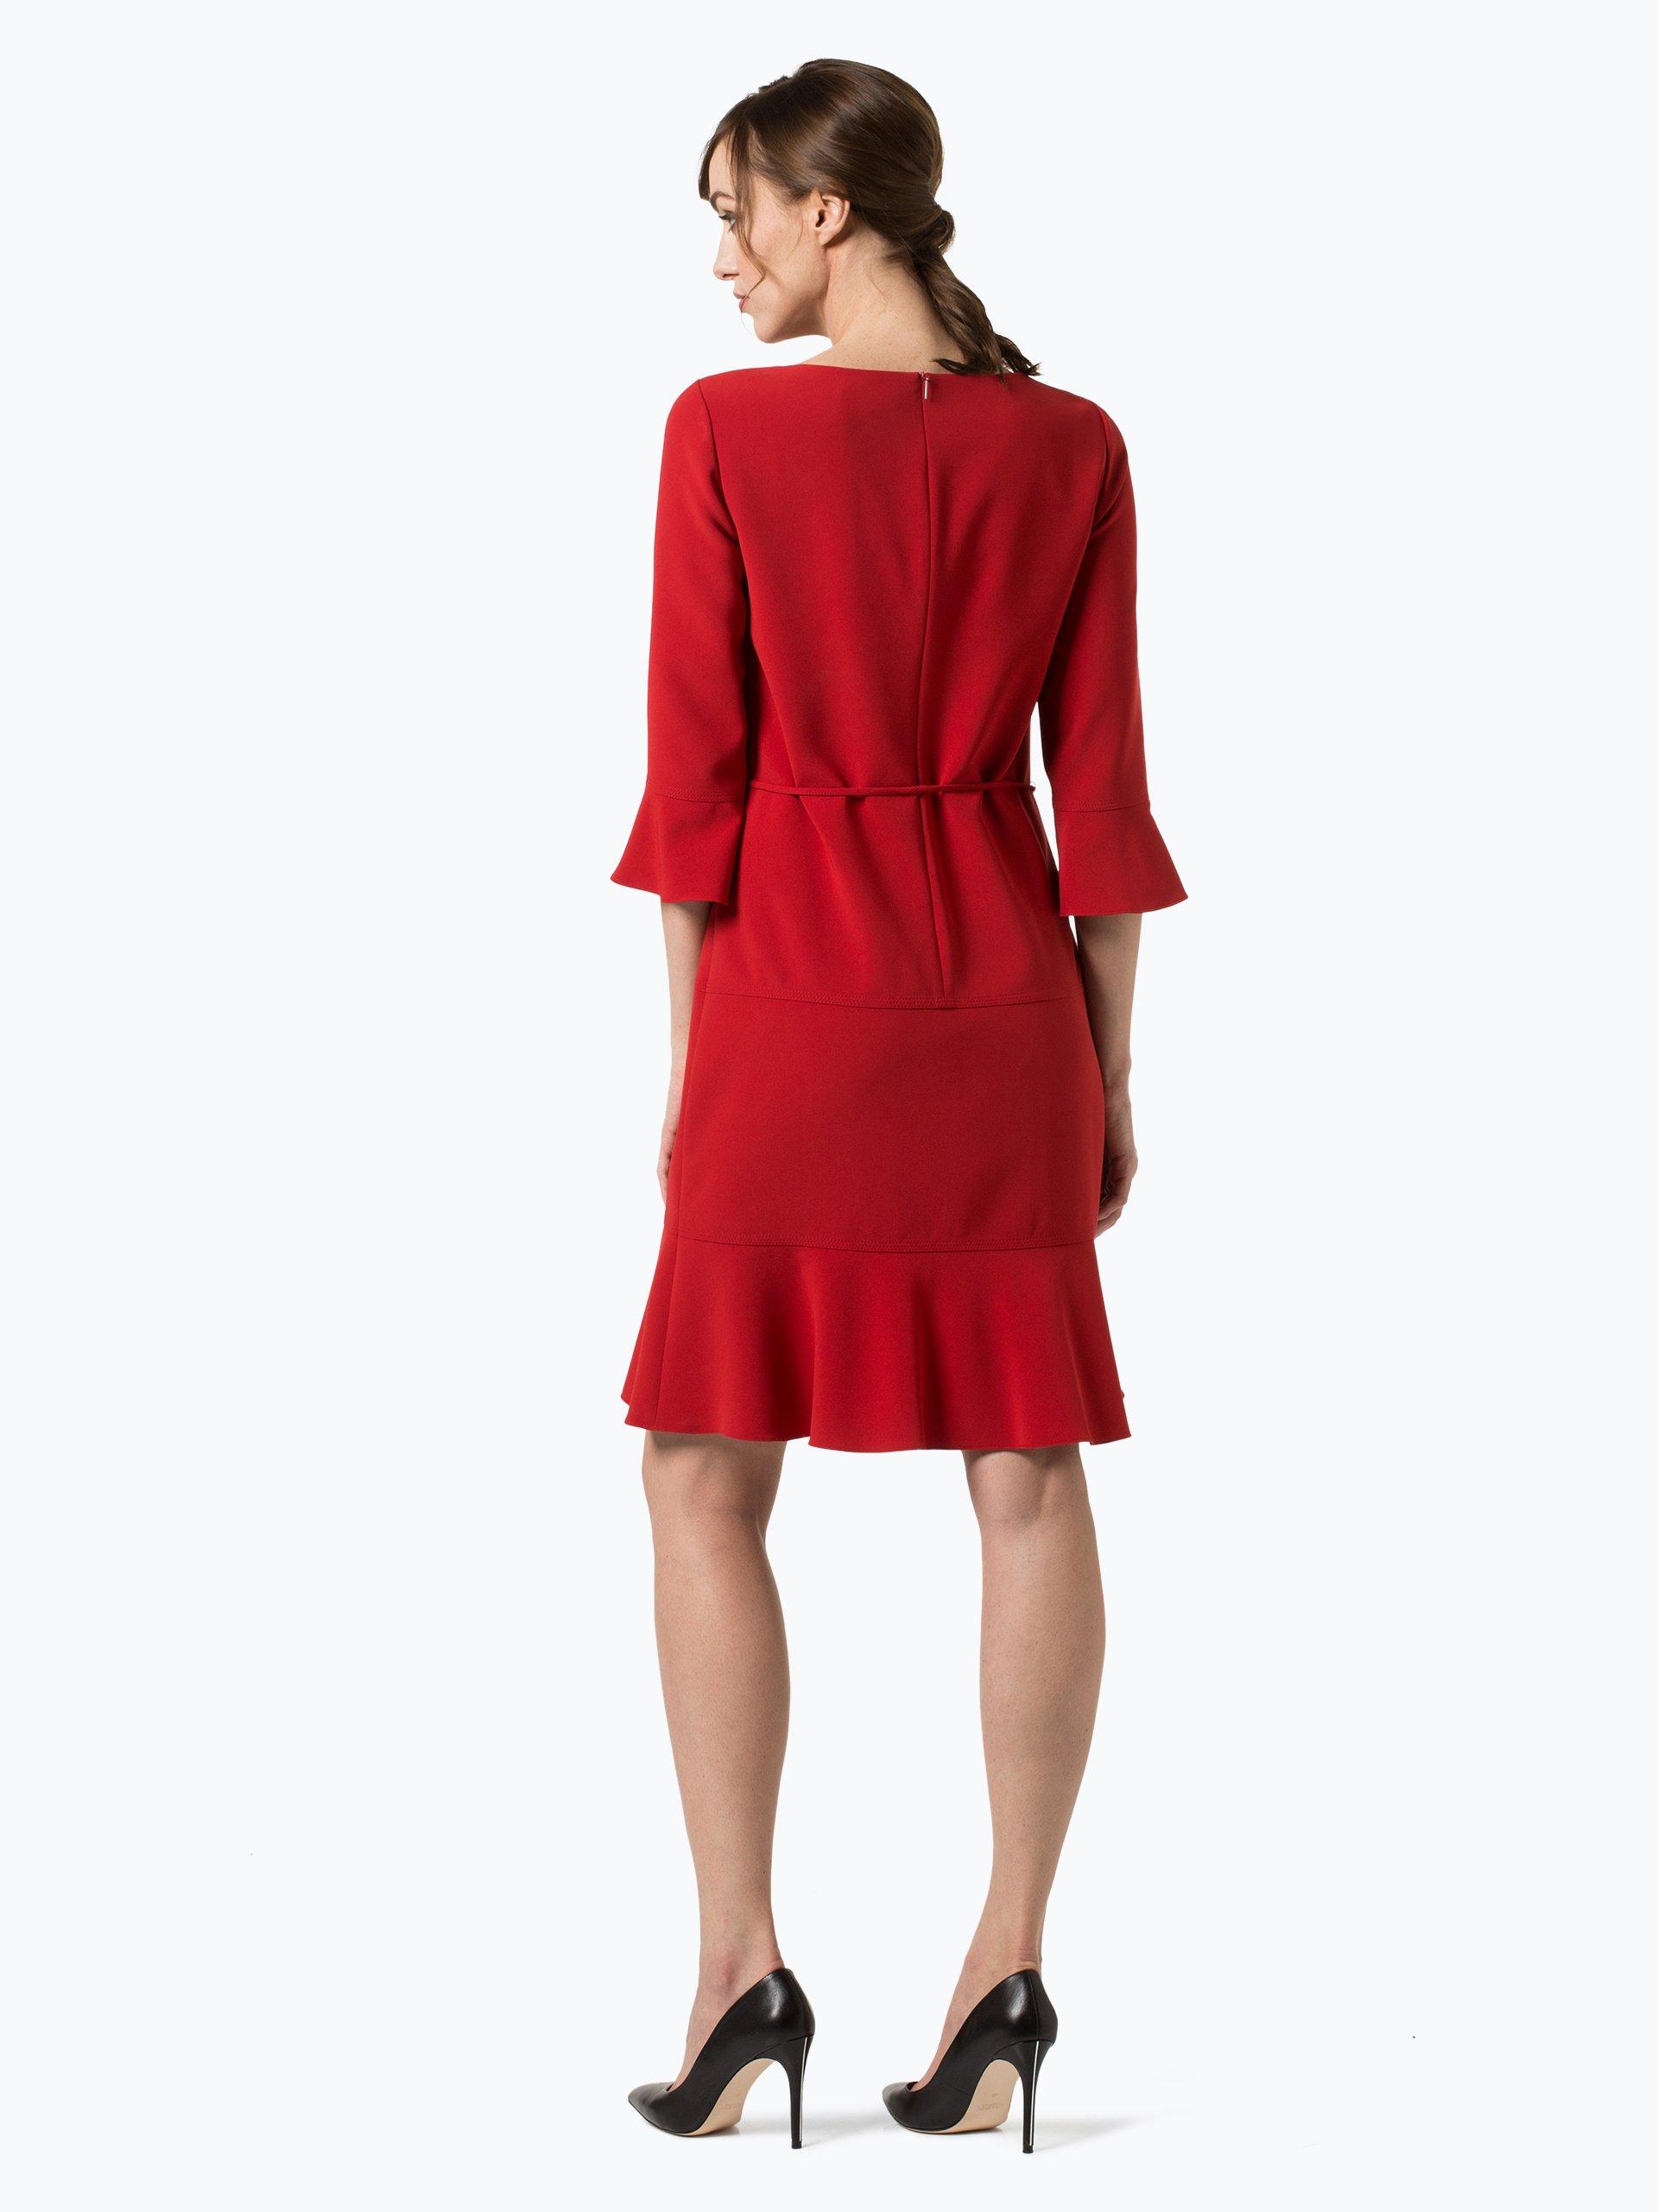 BOSS Damen Kleid - Henryke7 online kaufen | PEEK-UND ...